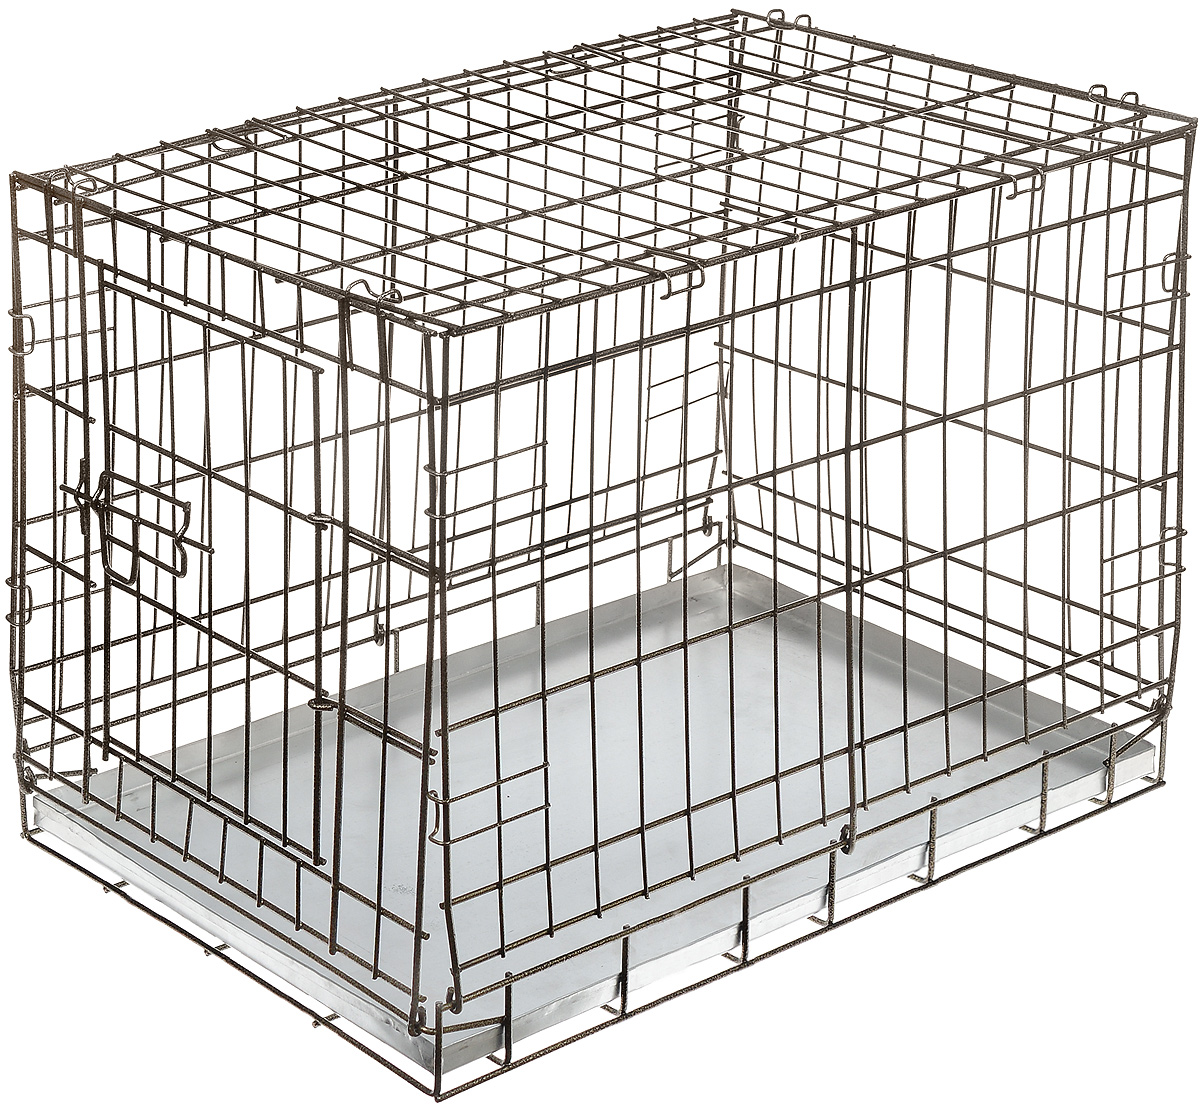 Клетка для собак ЗооМарк, выставочная, 80 х 50 х 55 см, цвет шагрень1524Удобная клетка ЗооМарк предназначена для собак средних пород. Идеально подходит для транспортировки и содержания собак во время проведения выставки. Клетка выполнена из металлической проволоки. Клетка оснащена дверцей, которая надежно закрываются. Прочный алюминиевый поддон не повреждает поверхность, на которой размещен.